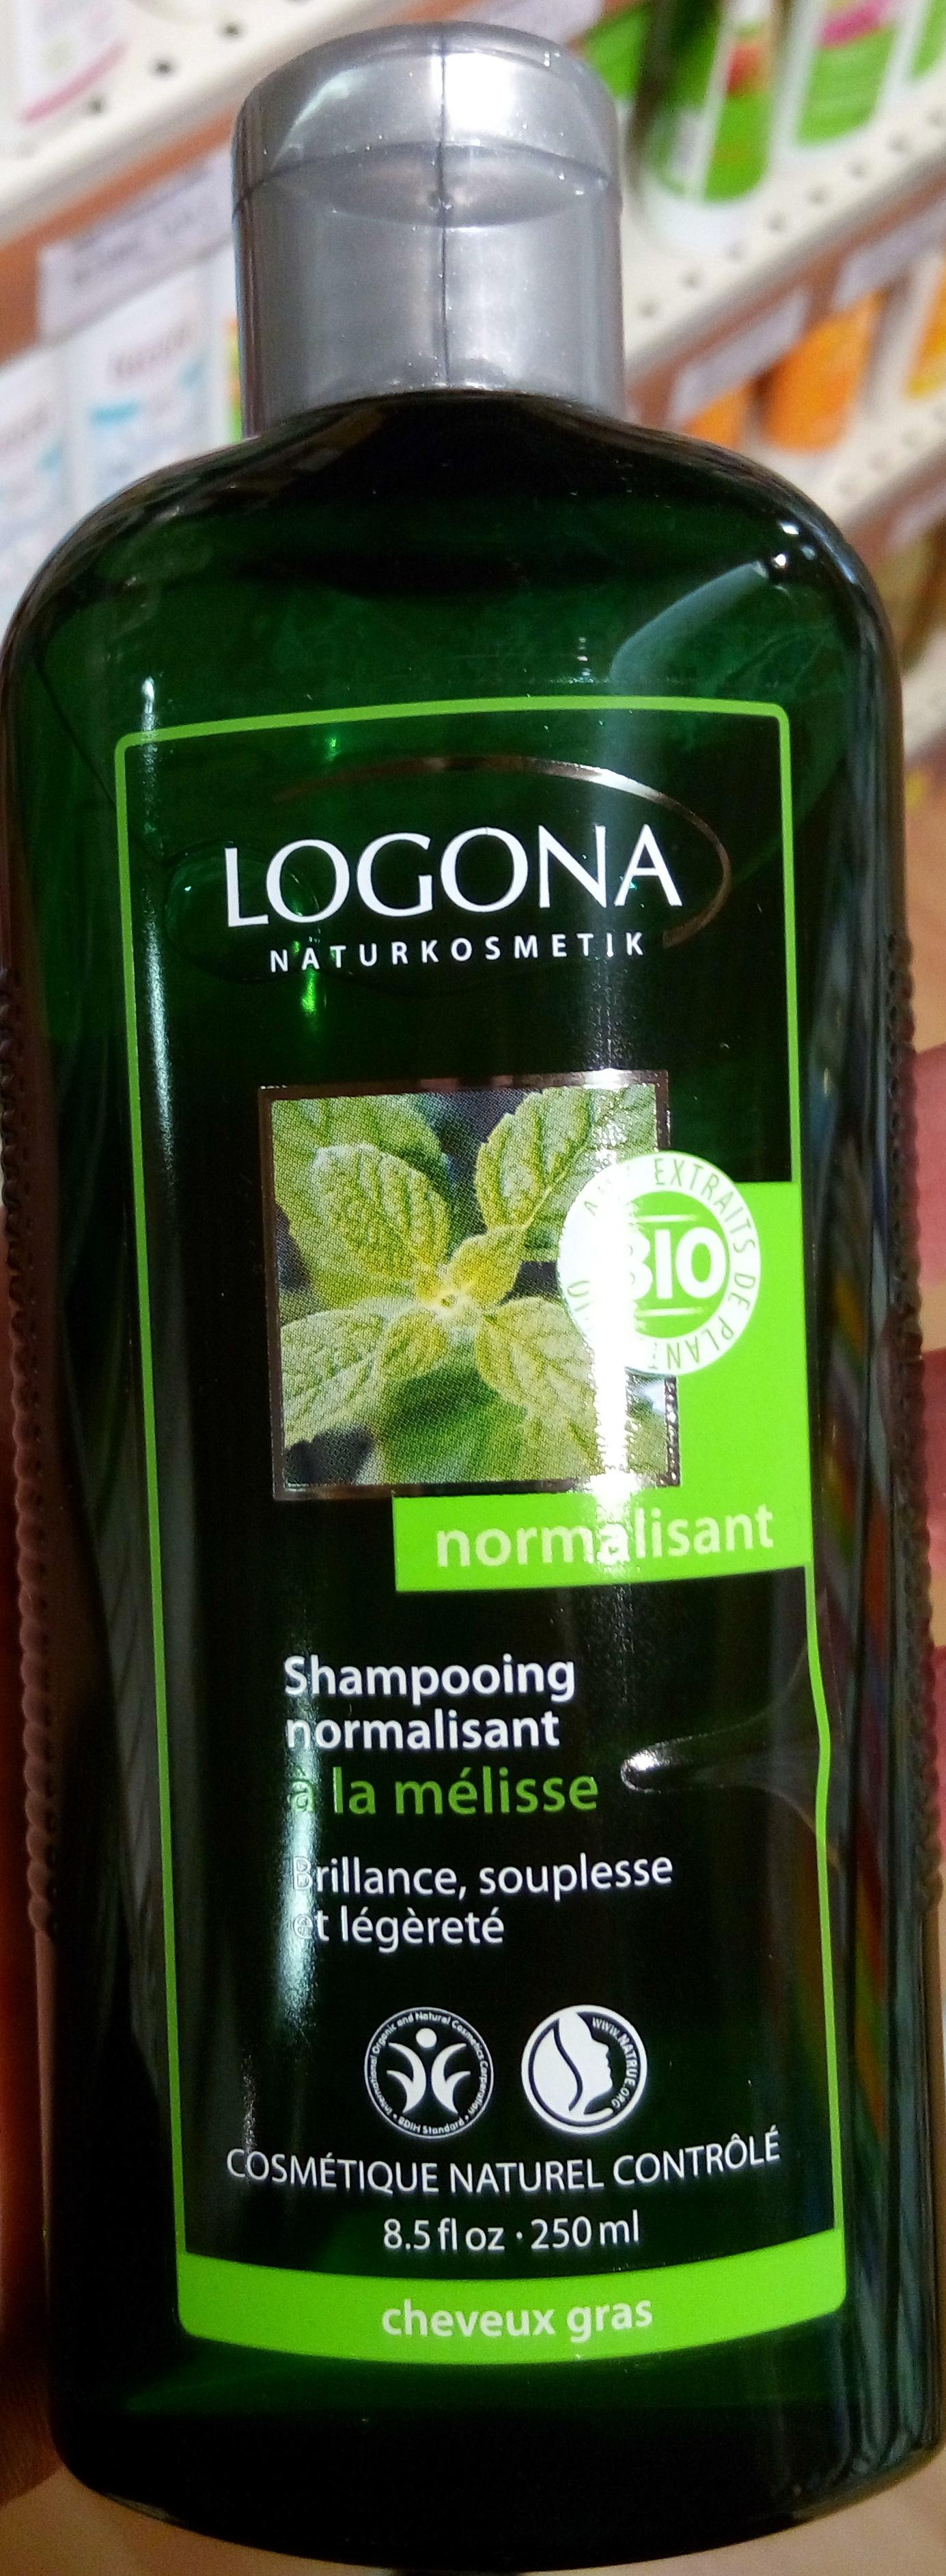 Shampooing normalisant à la mélisse - Product - fr